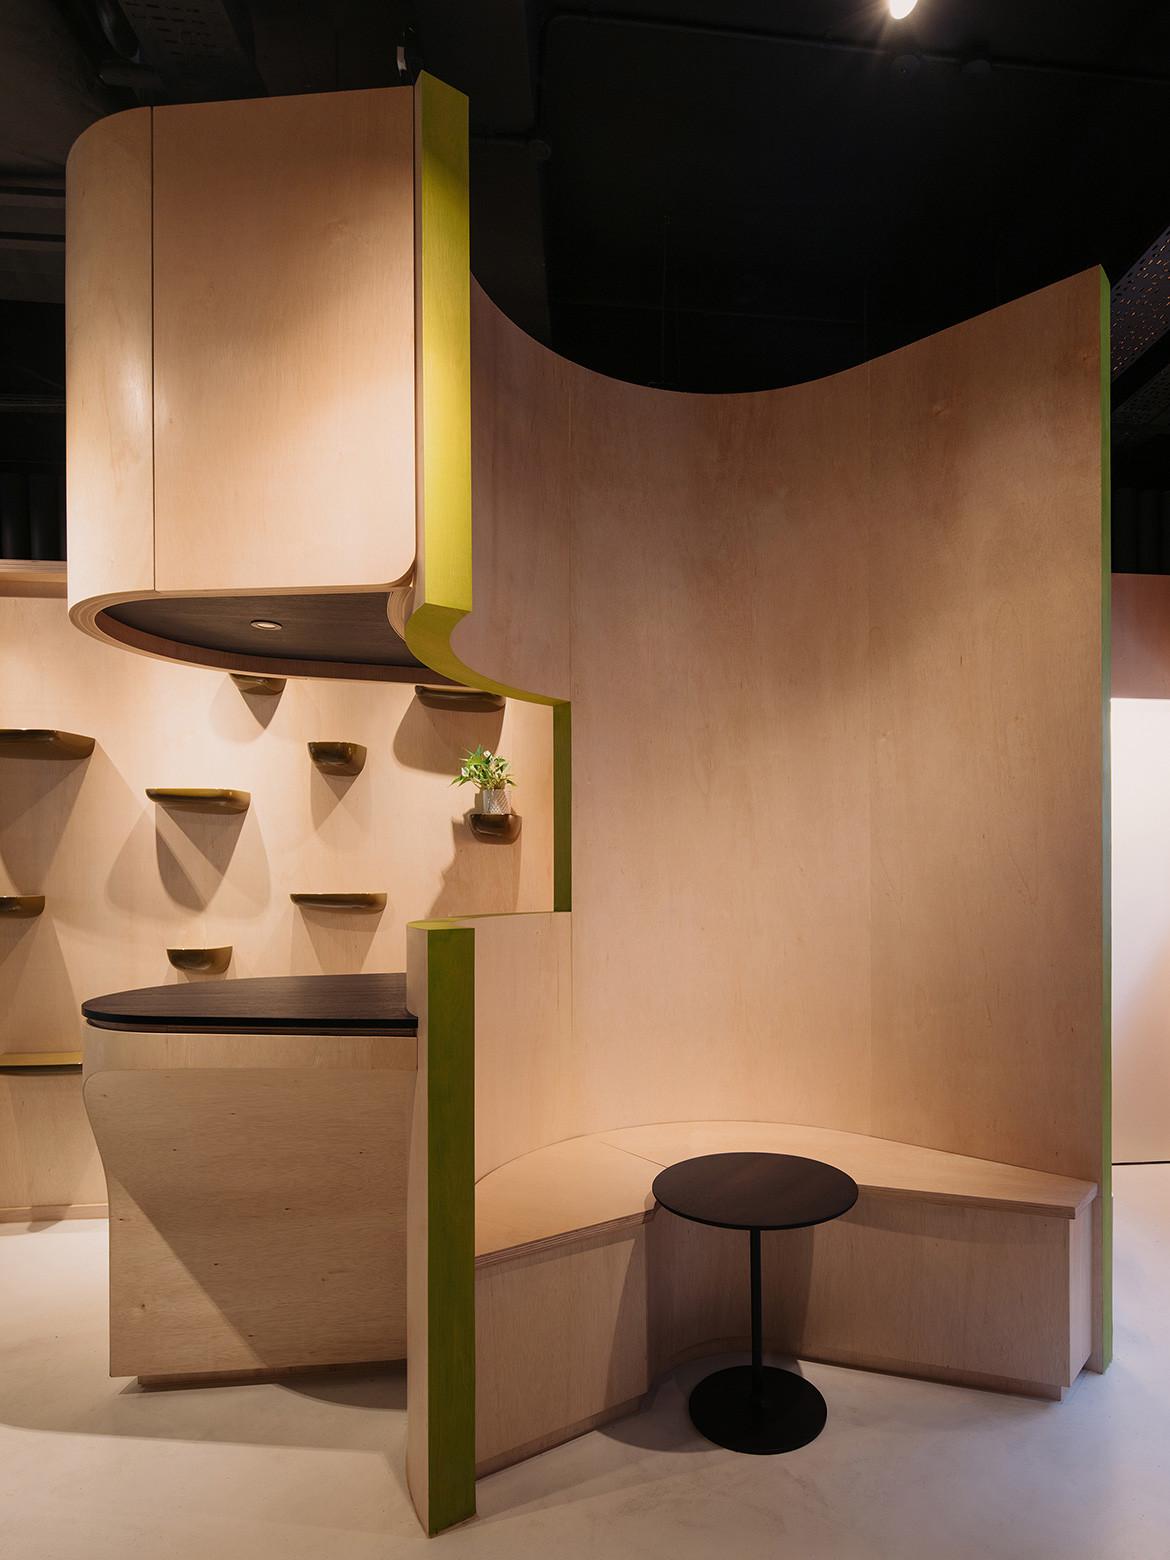 Studio SKLIM for Deloitte